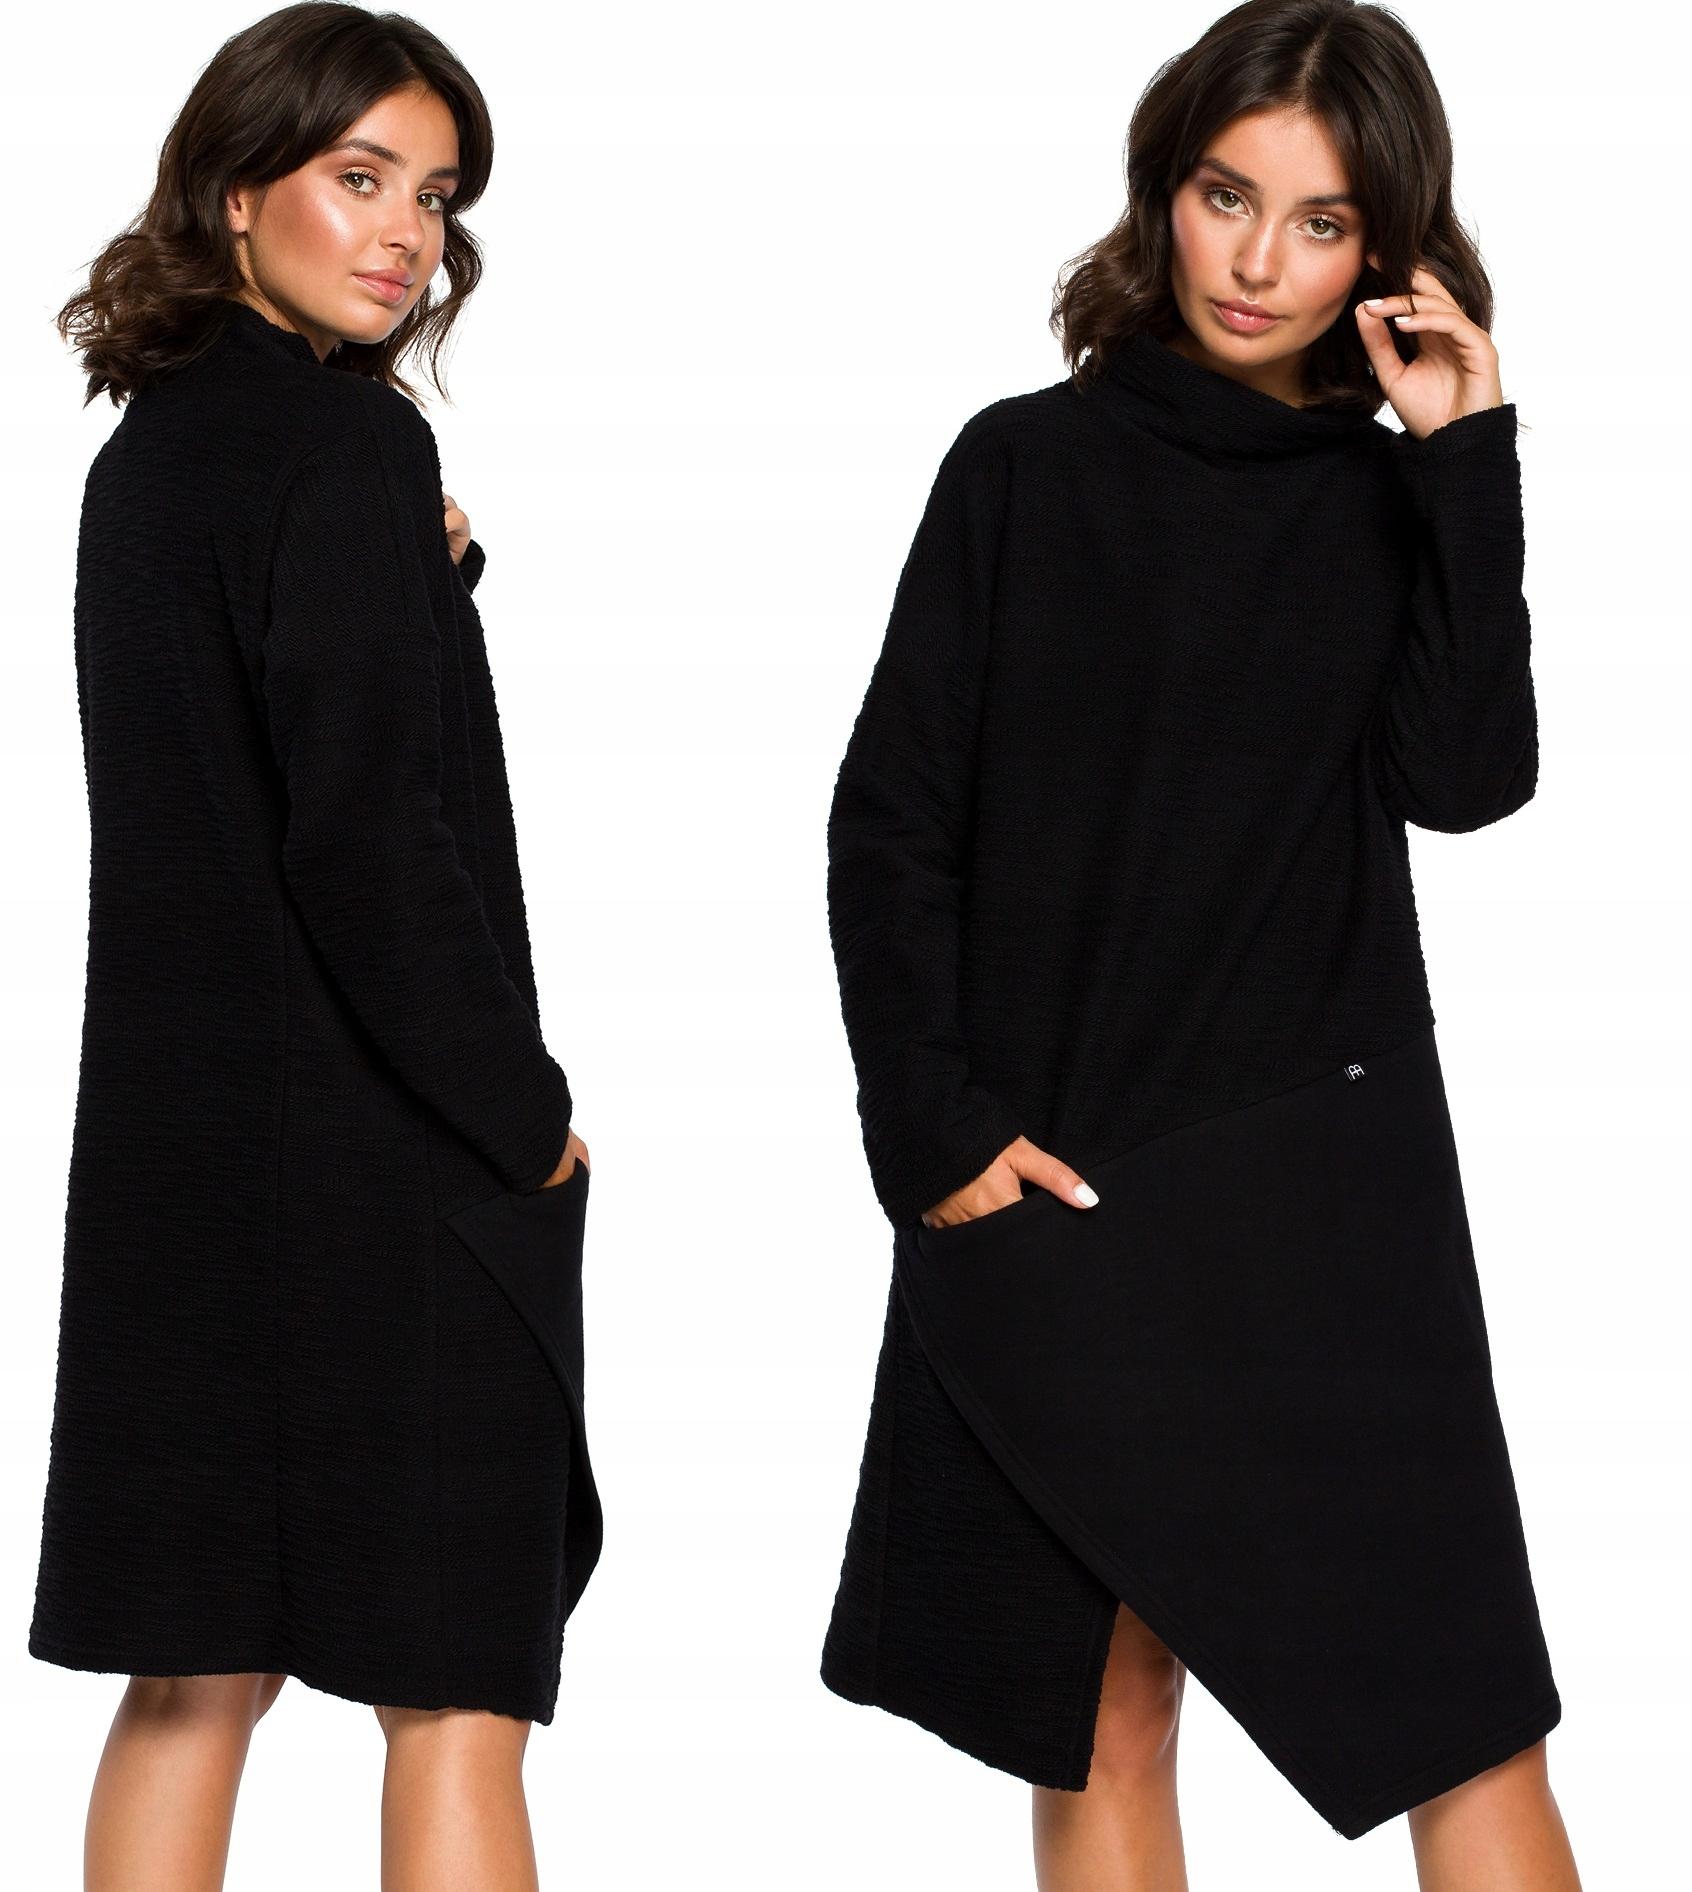 Dresowa Sukienka Luźny Fason Oversize Golf 2XL/3XL